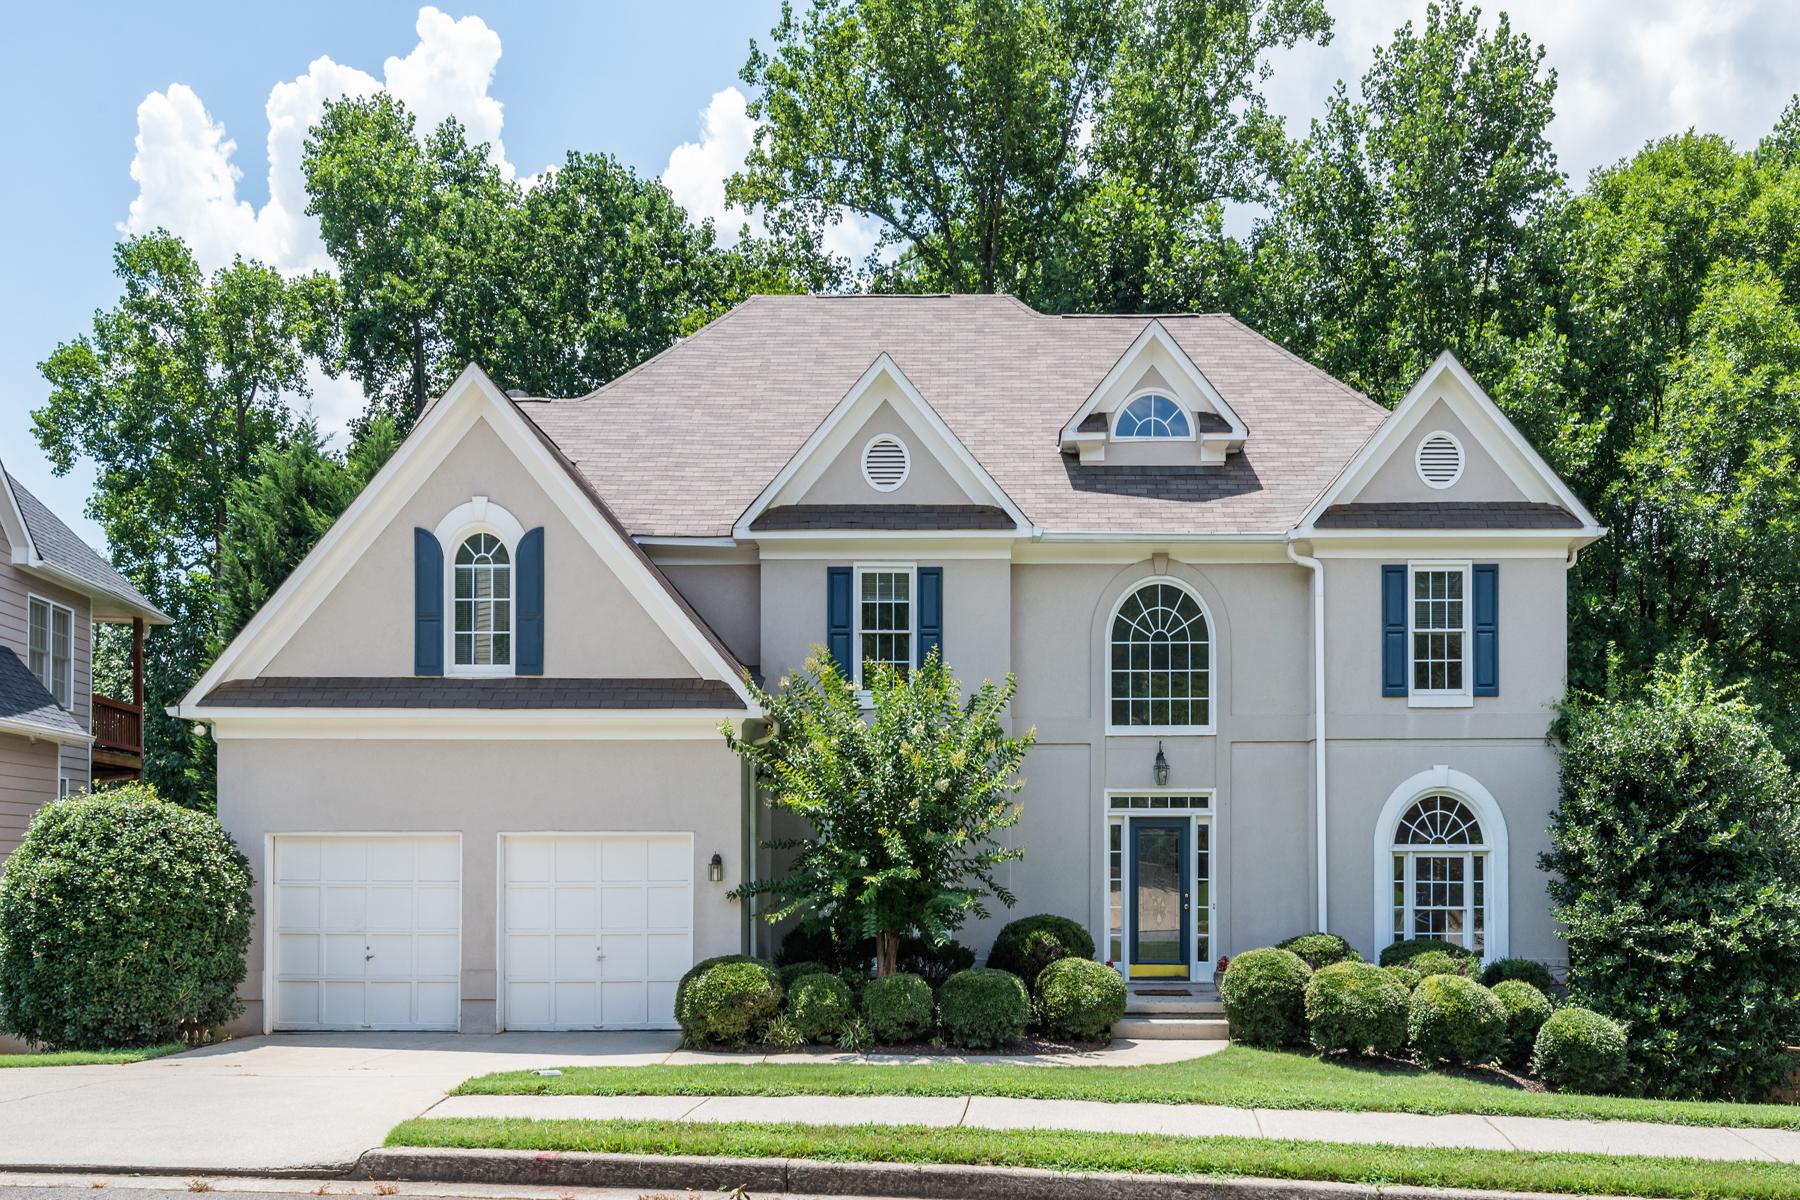 獨棟家庭住宅 為 出售 在 Move In Ready! Alpharetta 430 Park Creek Dr Alpharetta, 喬治亞州, 30005 美國